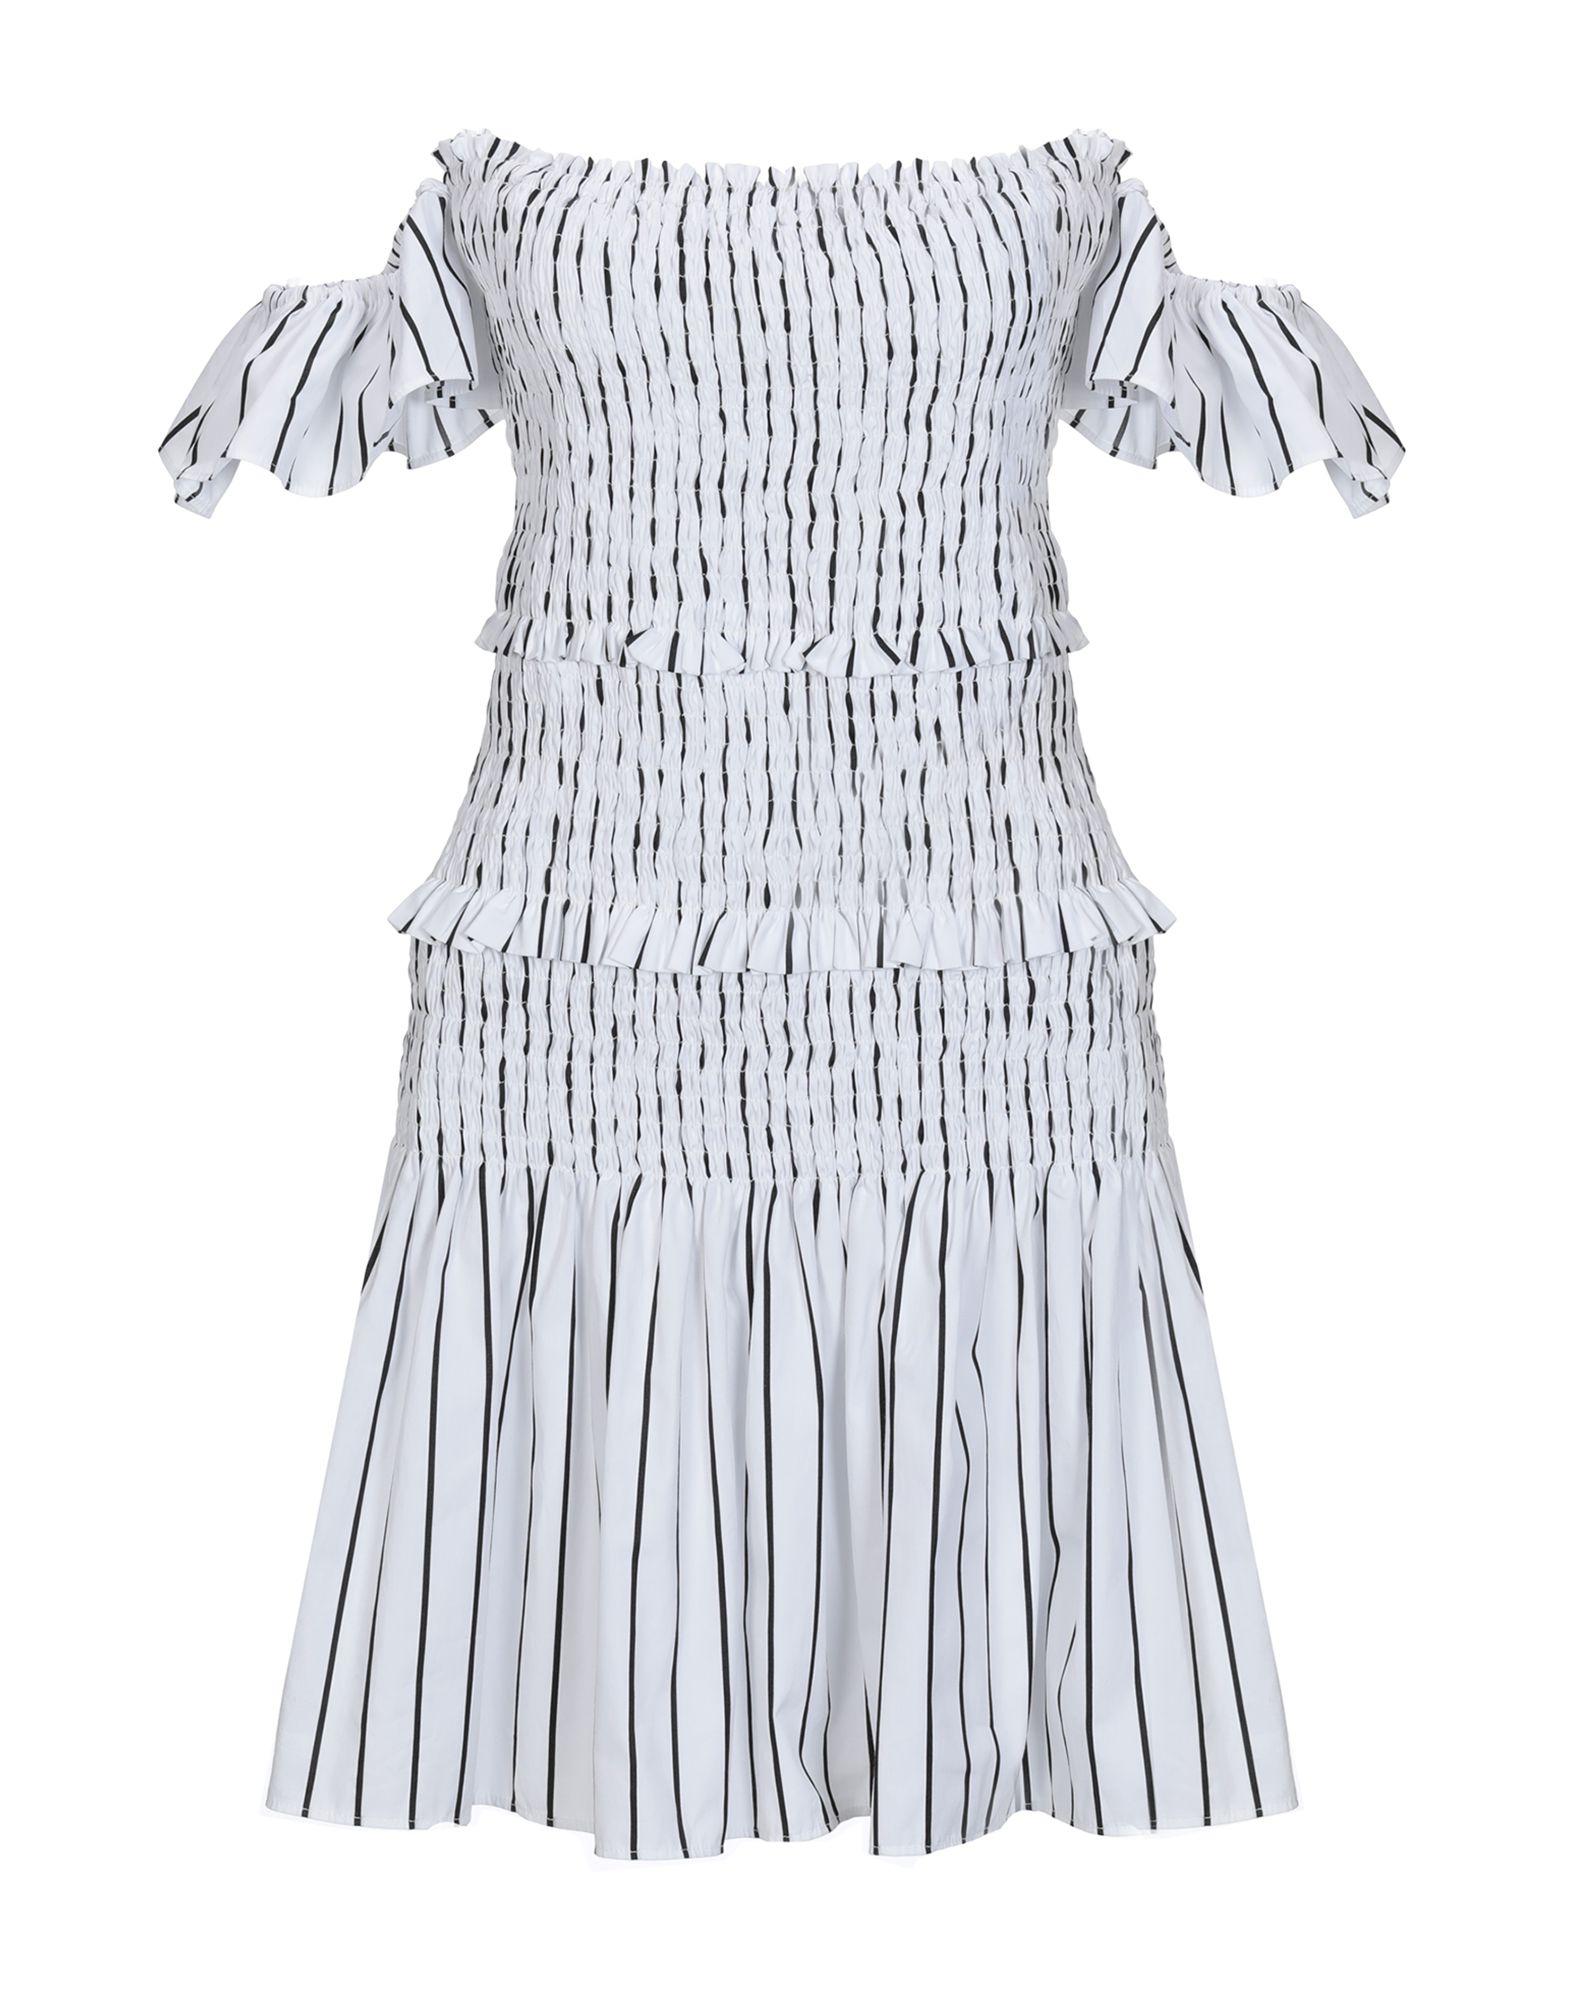 PINKO Короткое платье короткое платье в полоску lumina page 11